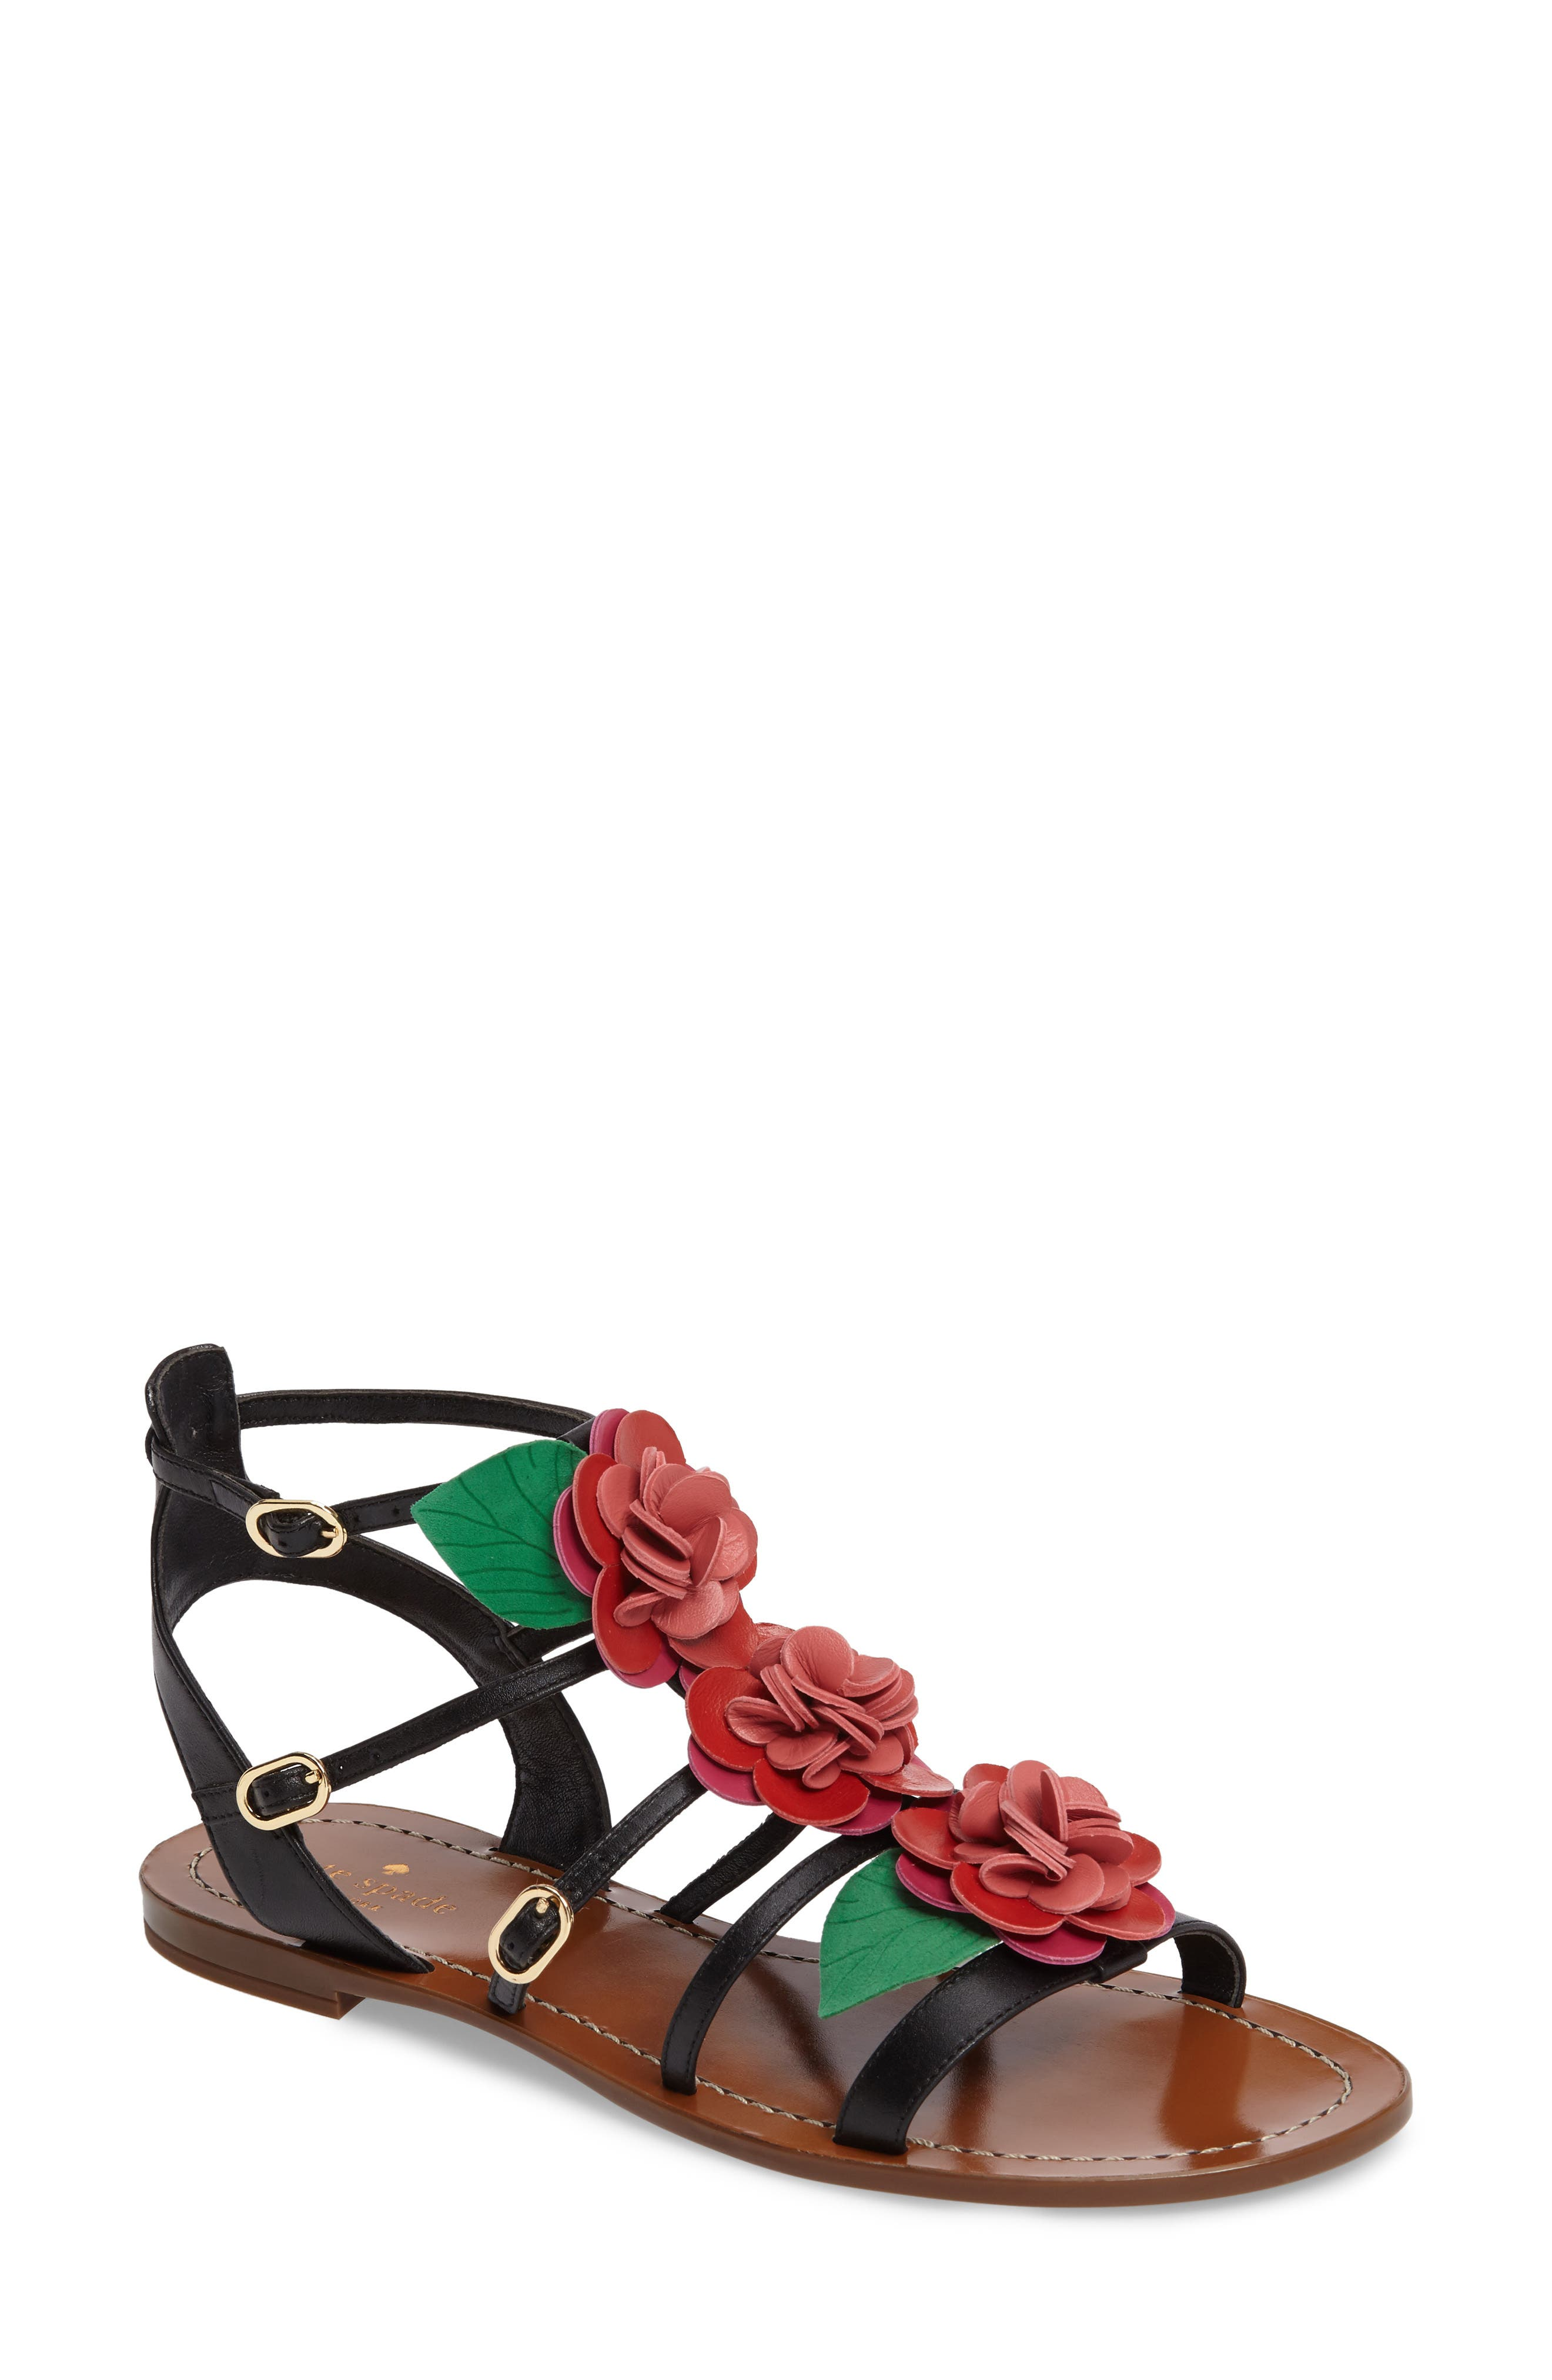 Main Image - kate spade new york columbus flat sandal (Women)